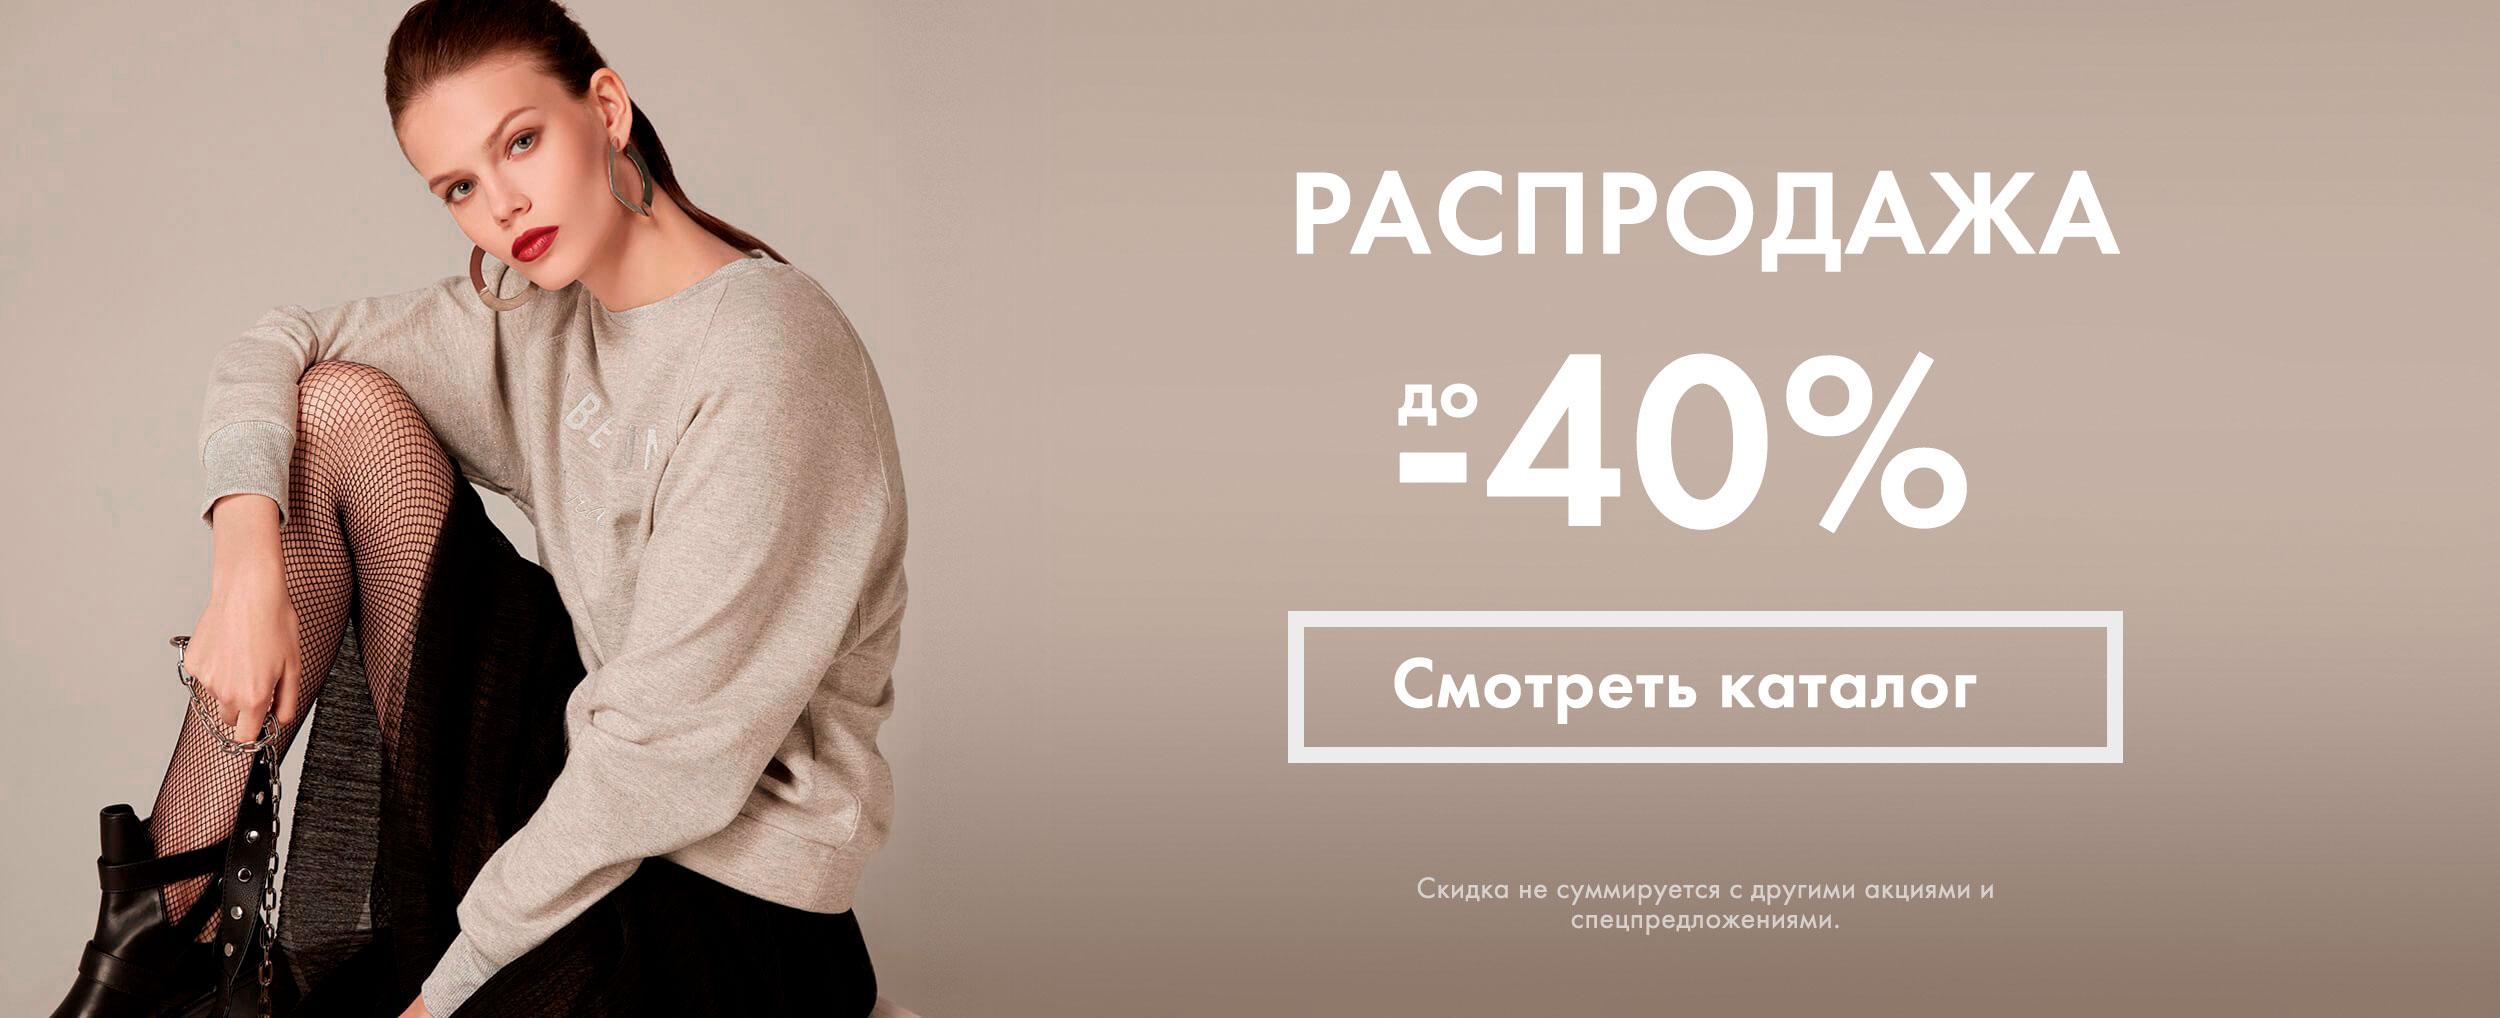 Rasprodazha20